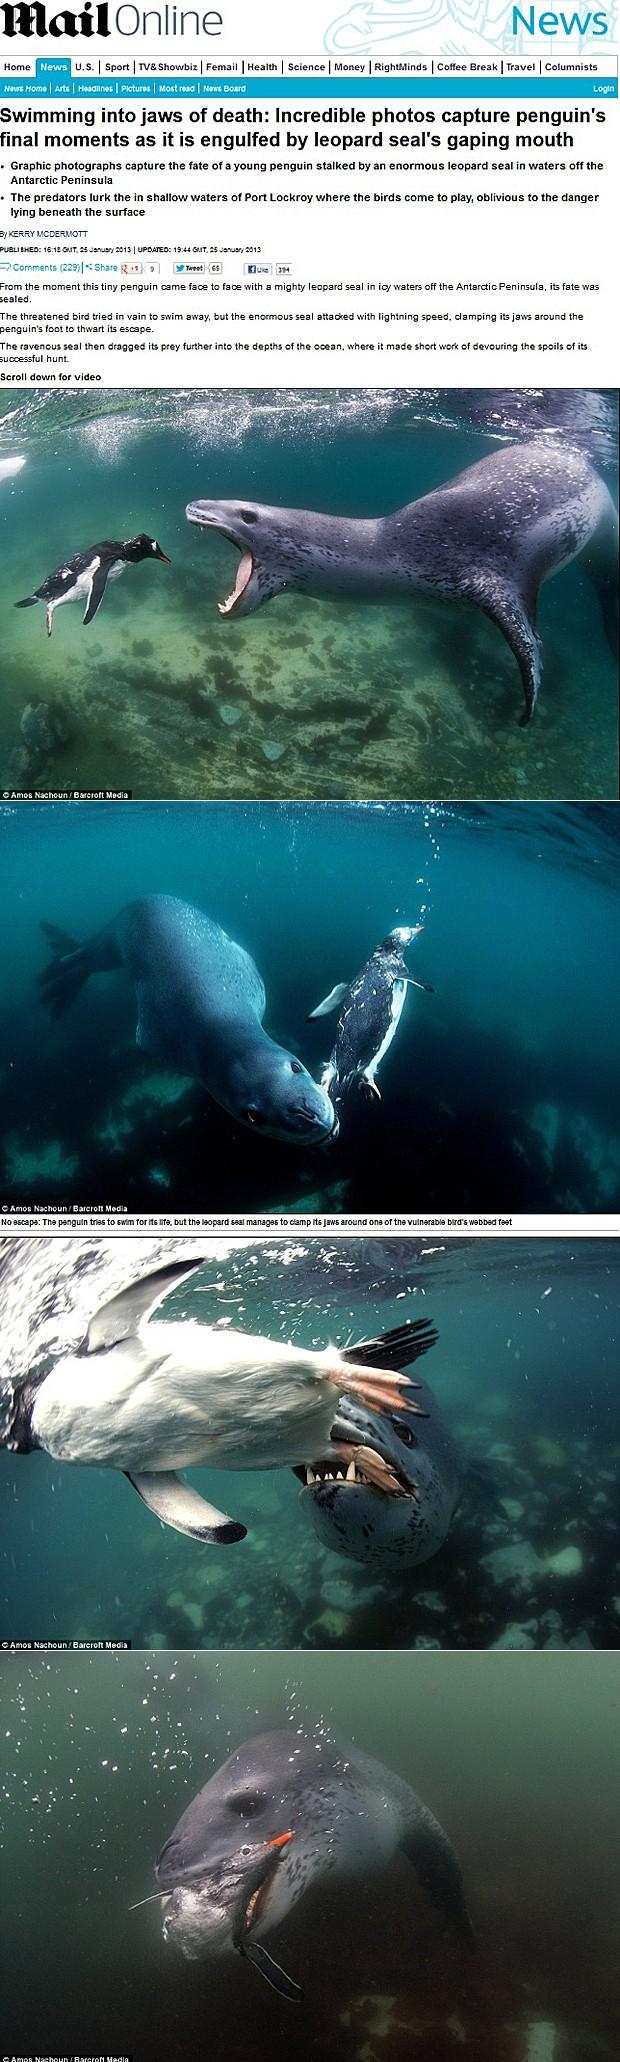 Foca-leopardo abocanha pinguim na Antártica (Foto: Daily Mail/Reprodução)